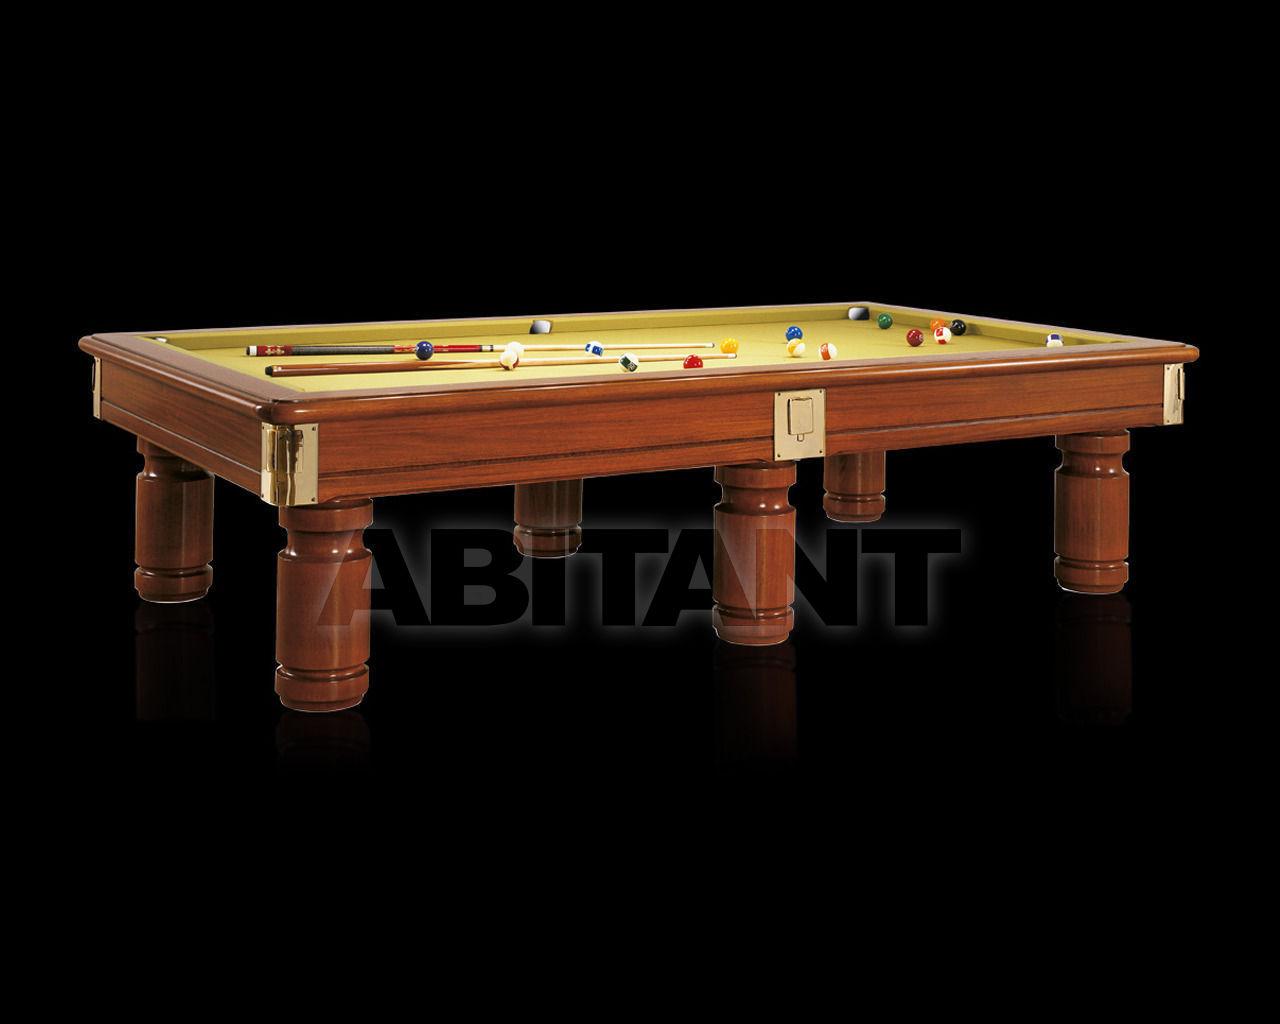 Купить Бильярдный стол Lu.Bo Biliardi Biliardi TOLEDO